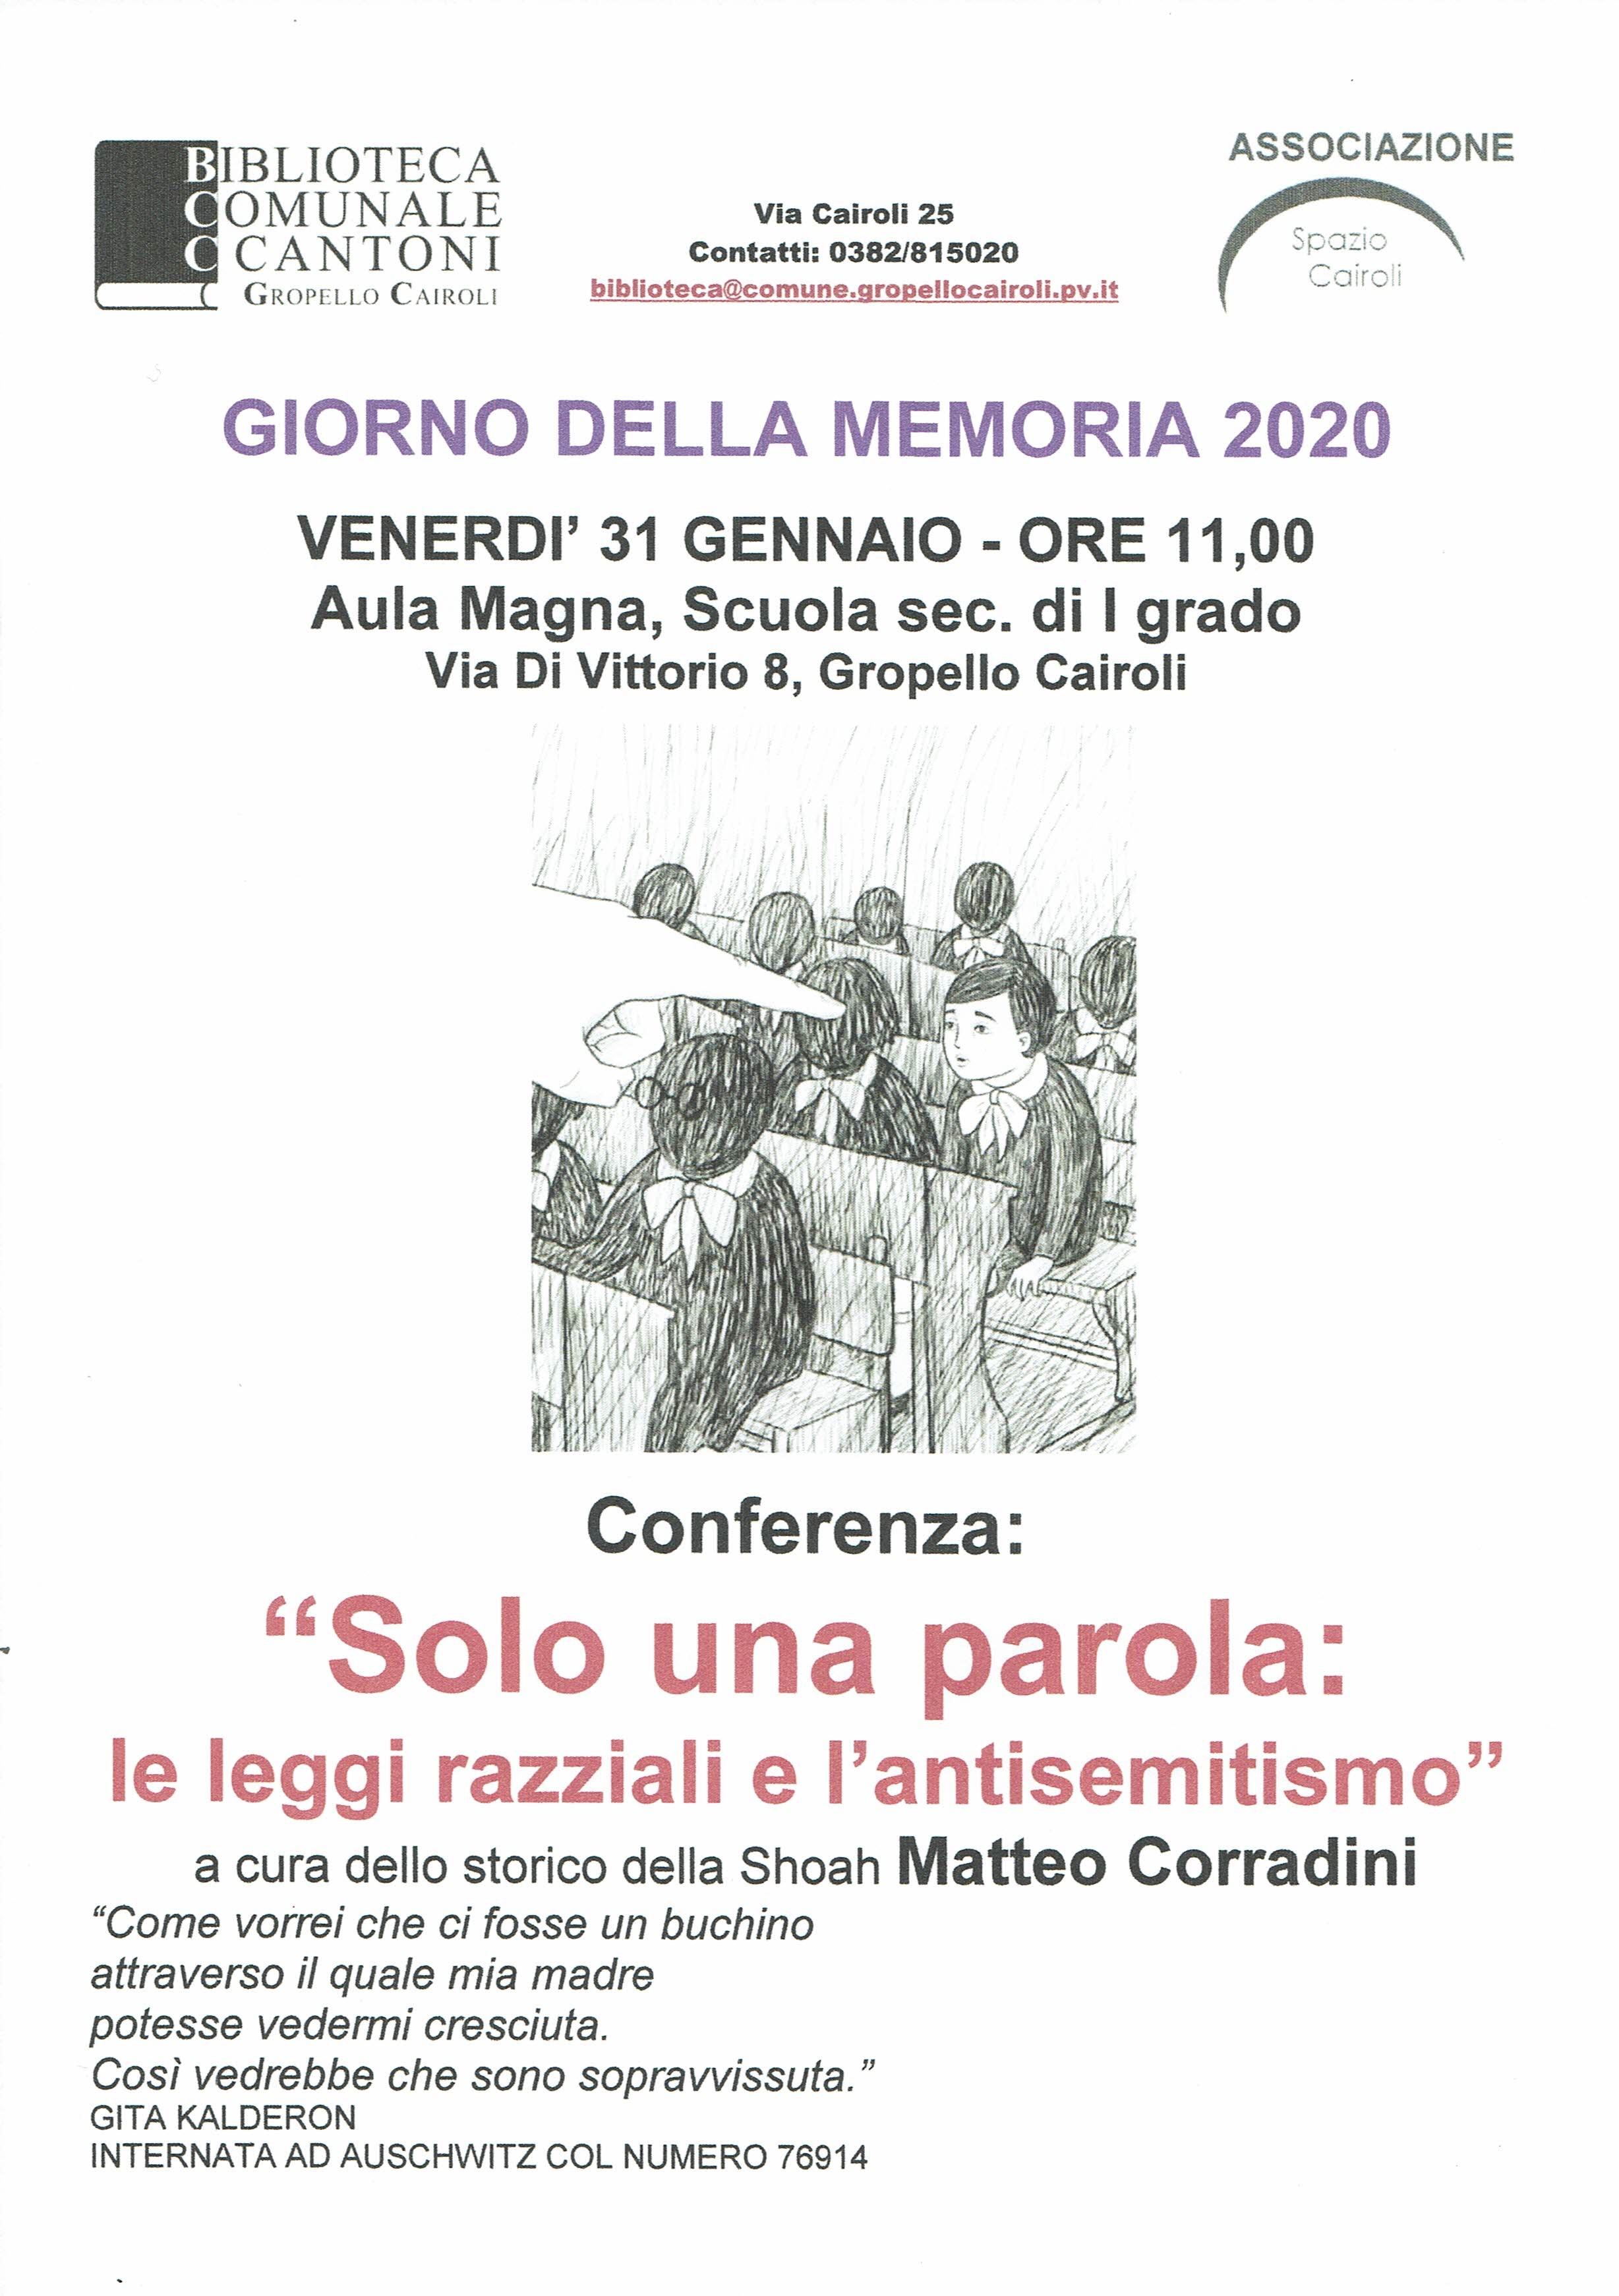 Conferenza Shoah A Cura Di Matteo Corradini 2020